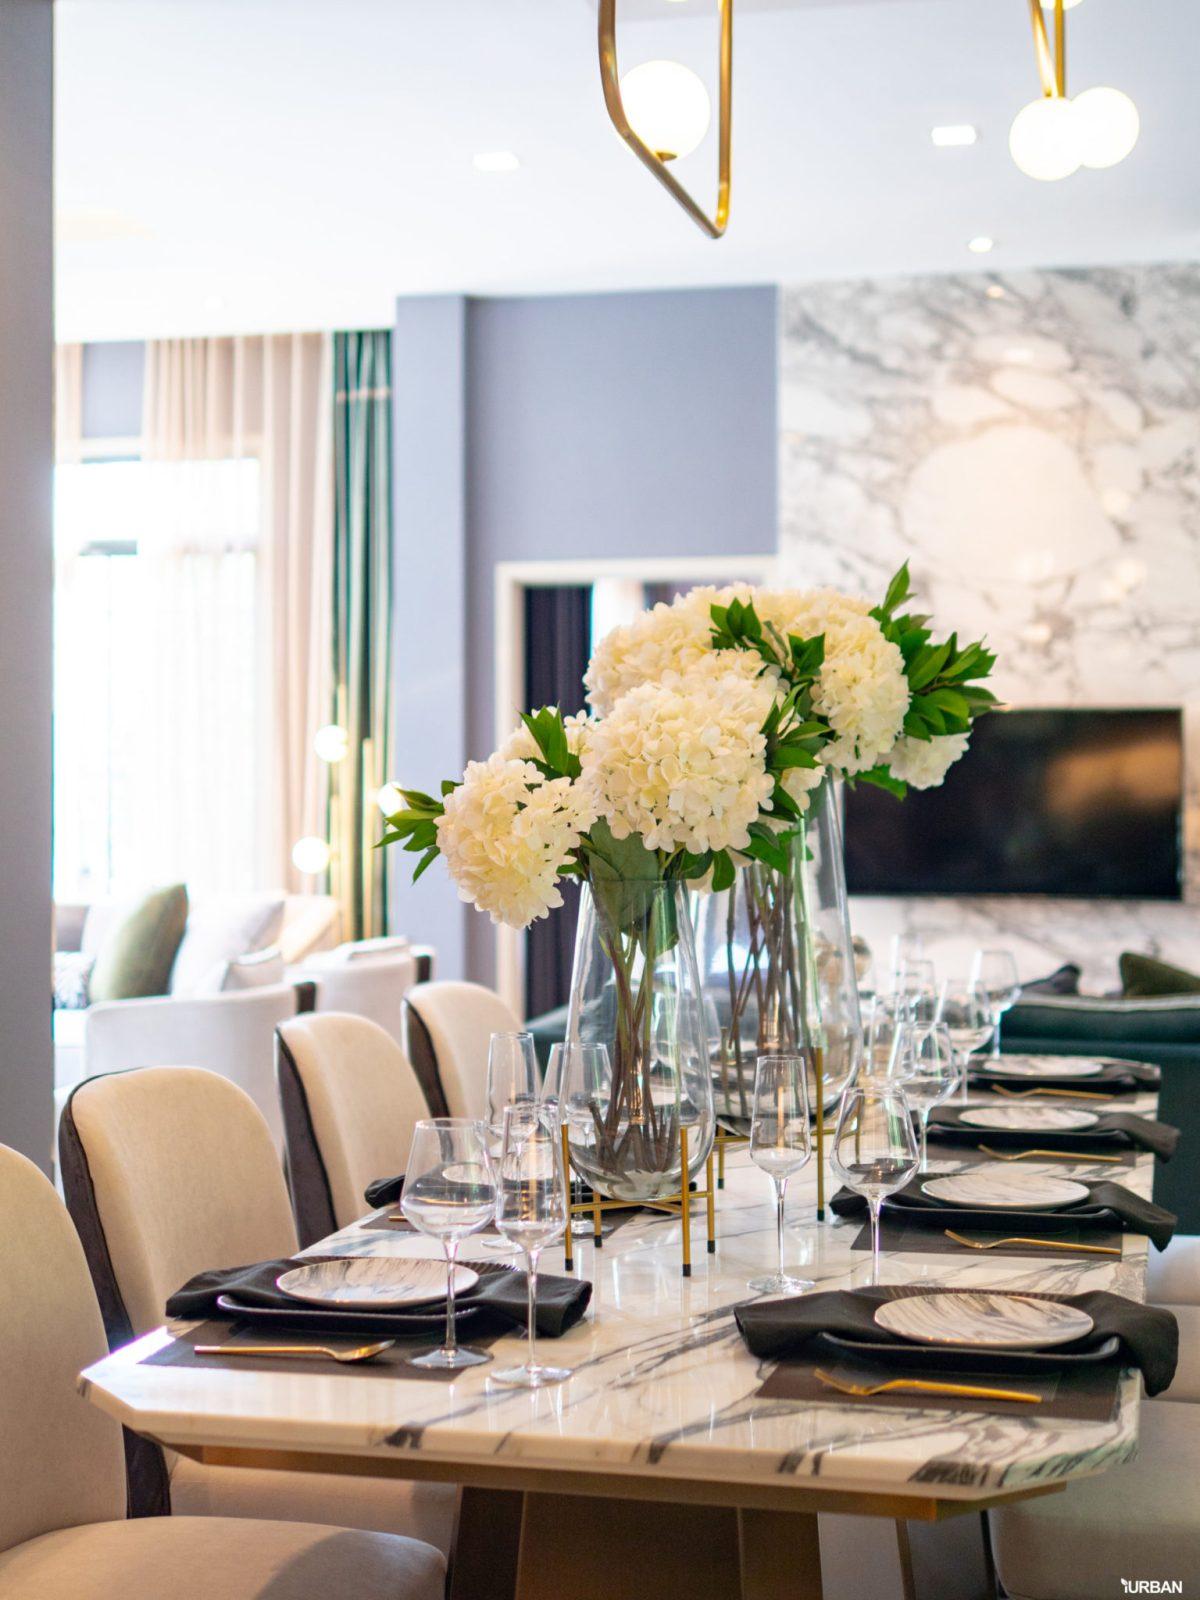 รีวิว บางกอก บูเลอวาร์ด รามอินทรา-เสรีไทย 2 <br>บ้านเดี่ยวสไตล์ Luxury Nordic เพียง 77 ครอบครัว</br> 140 - Boulevard